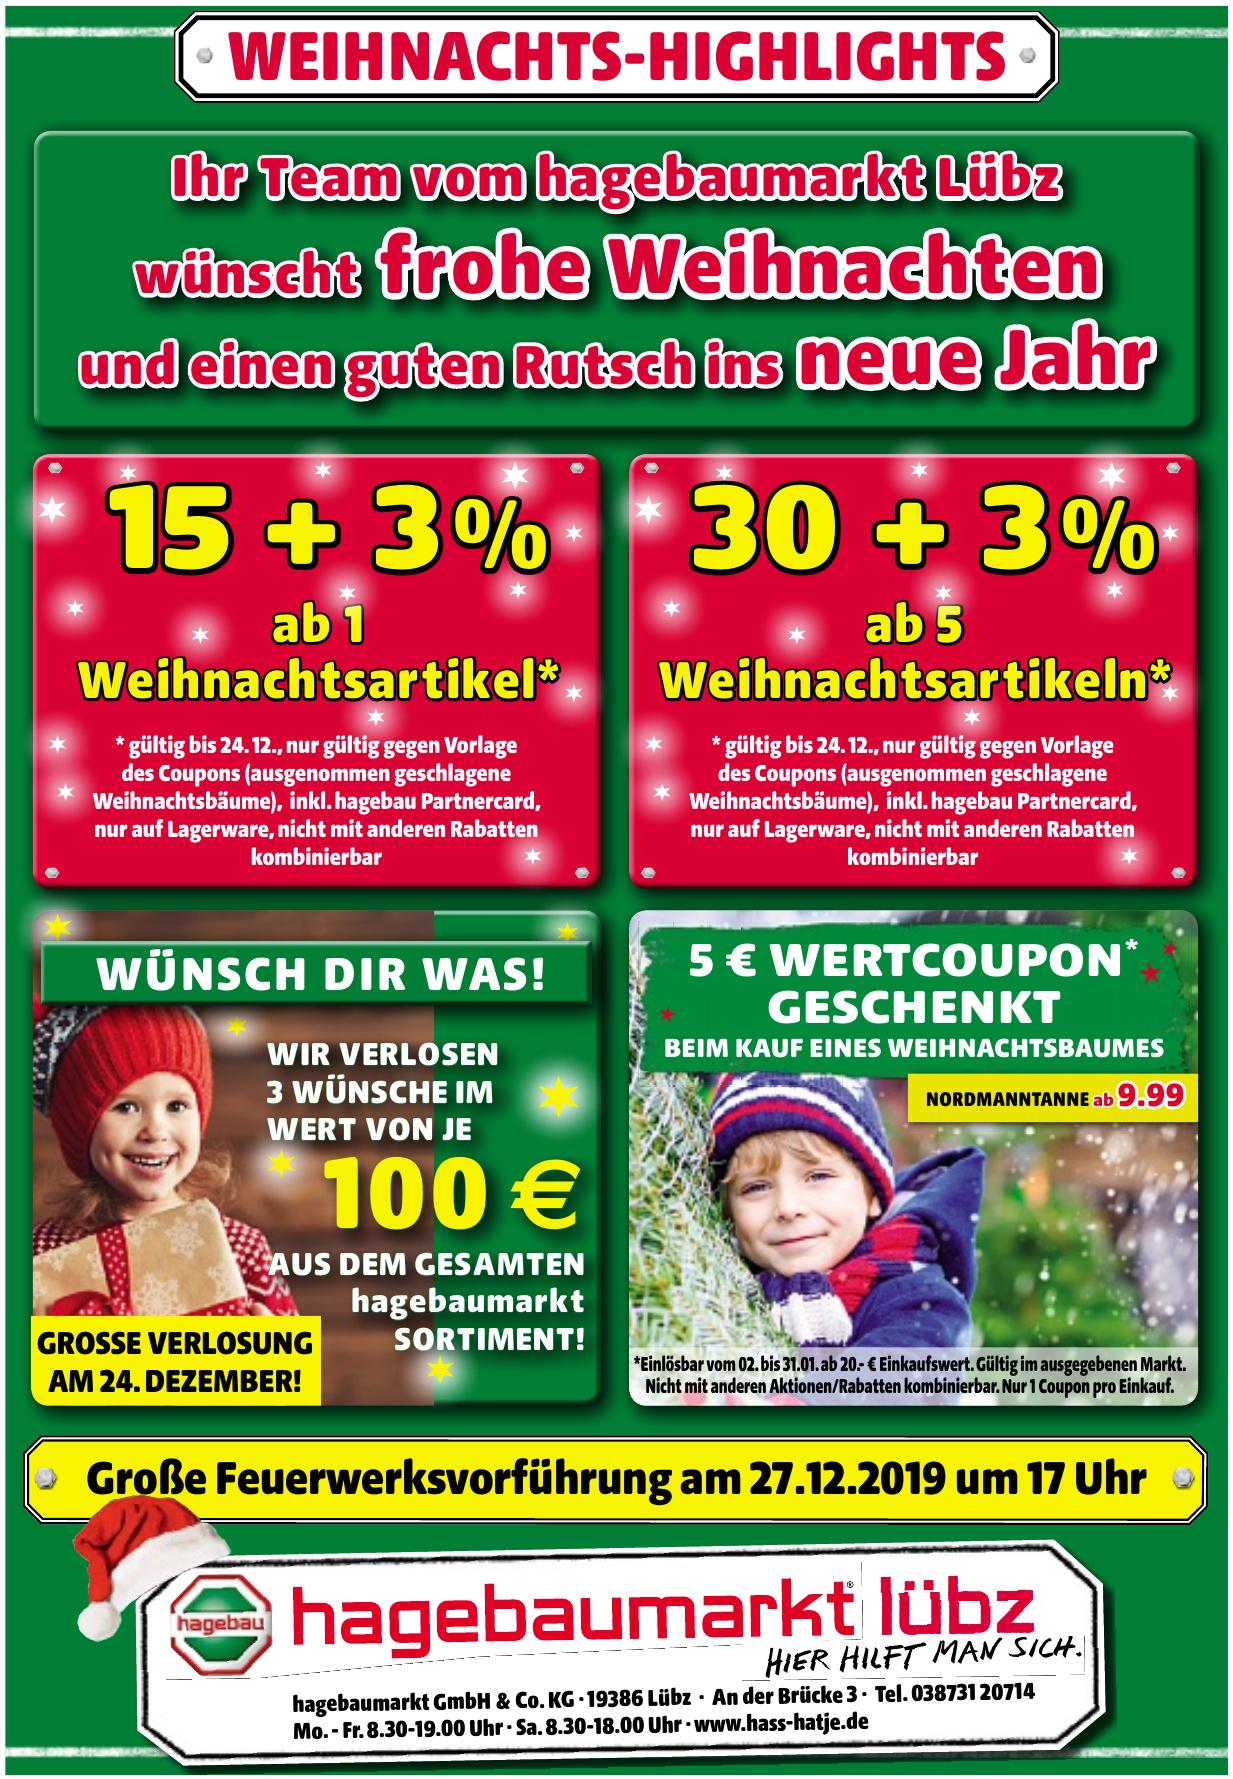 hagebaumarkt GmbH & Co. KG .